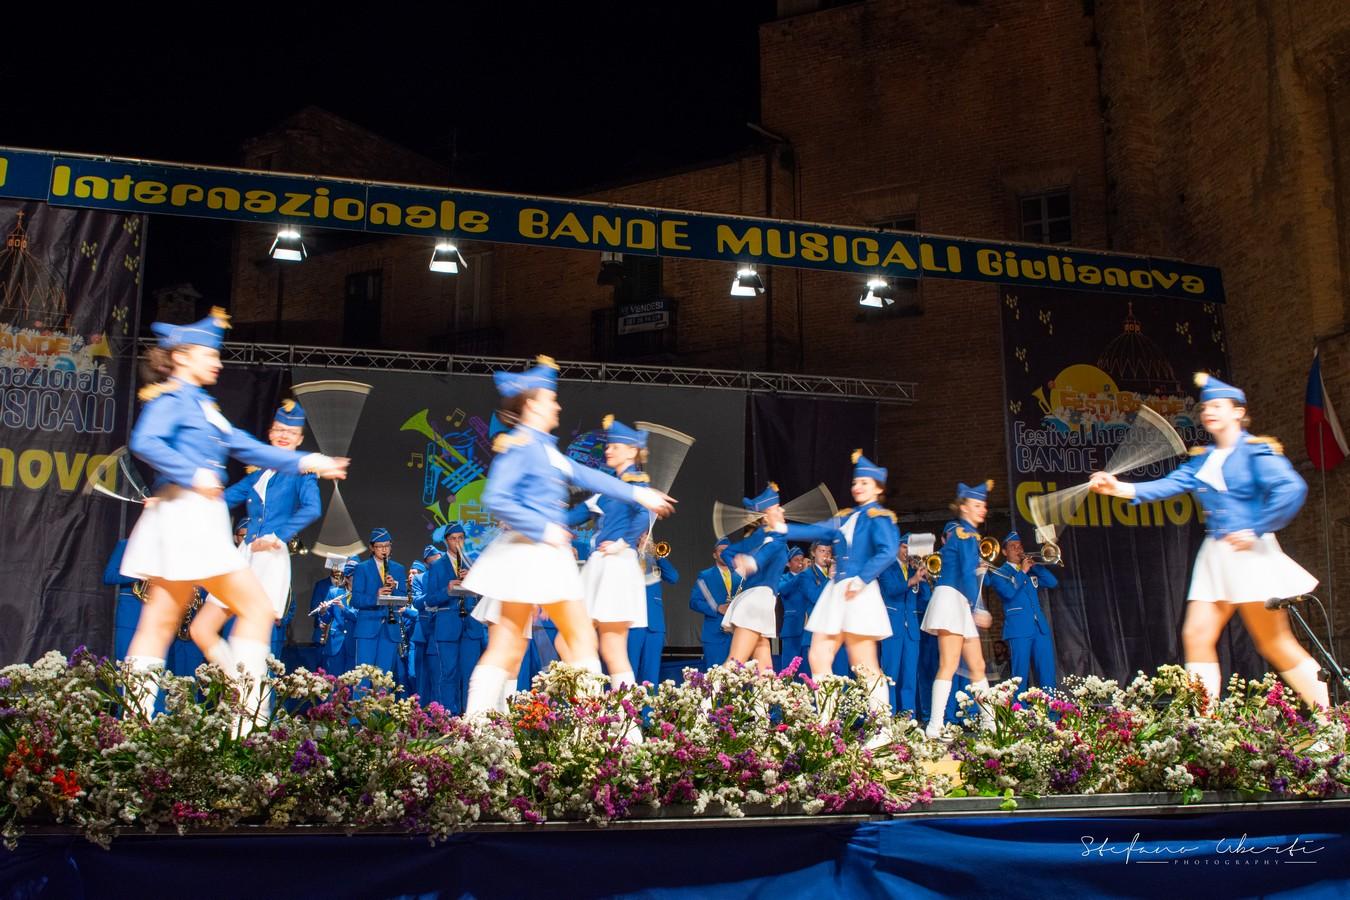 festival-bande-giulianova57